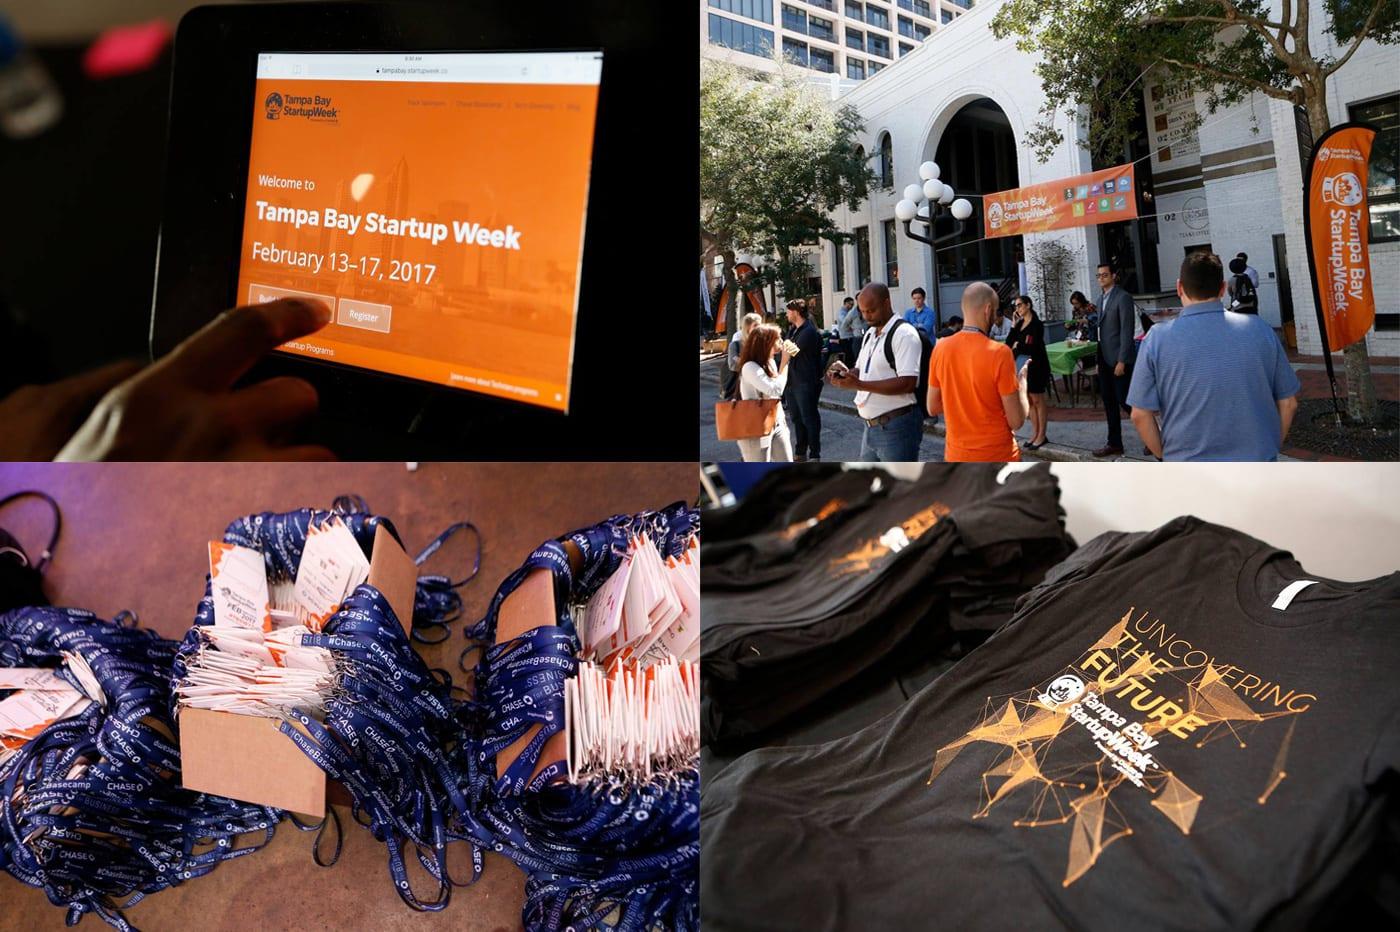 Branding for Tampa Bay Startup Week 2017